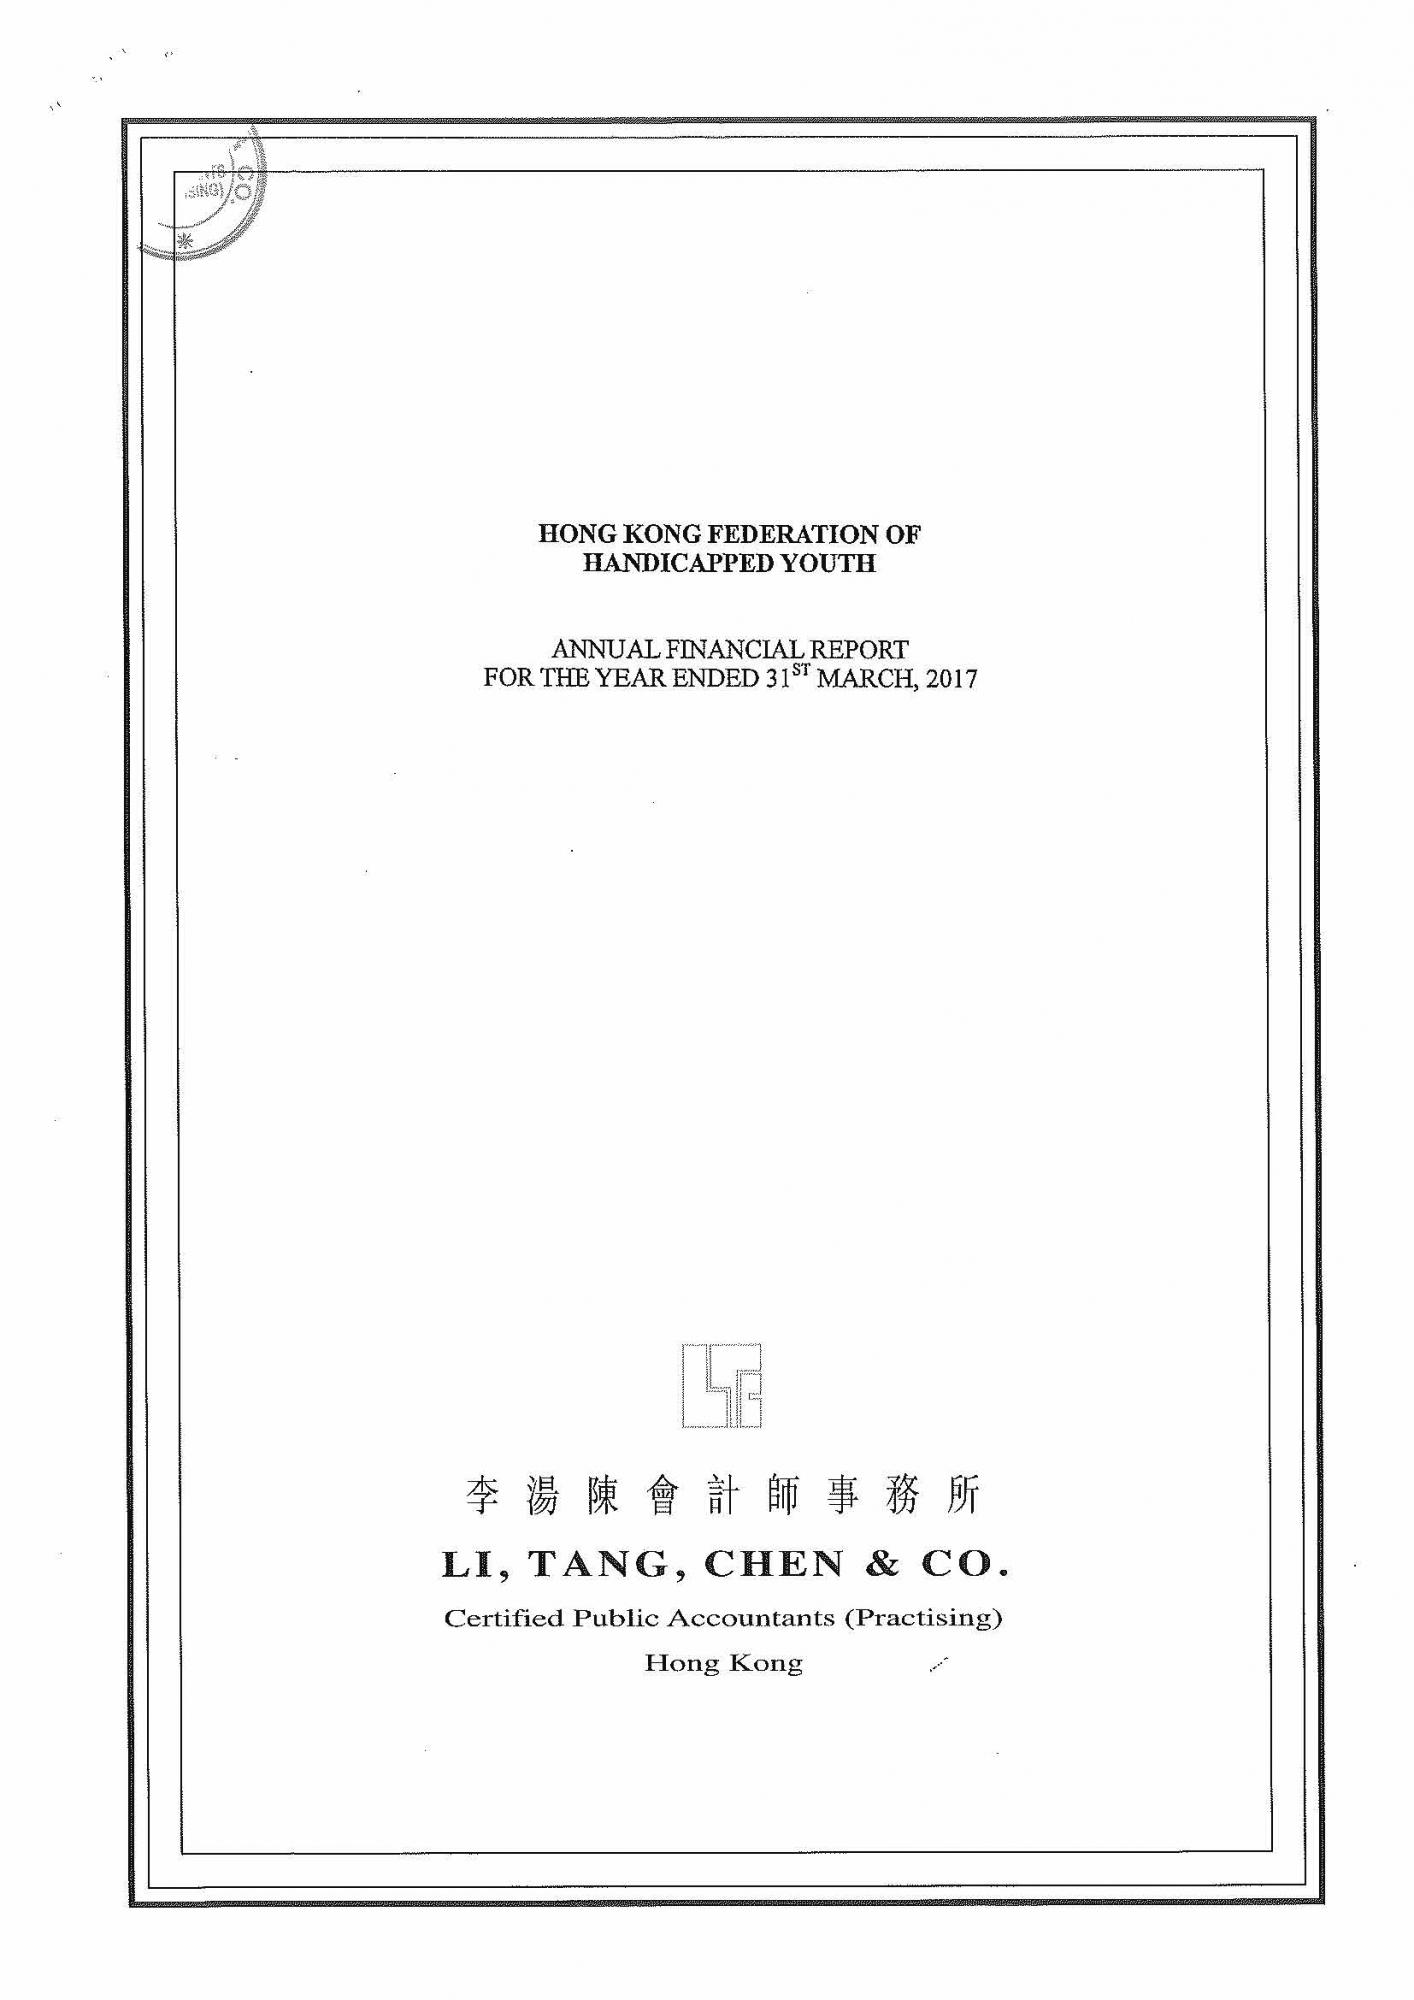 本頁圖片/檔案 - HKFHY-AFR 2016-17 _頁面_01